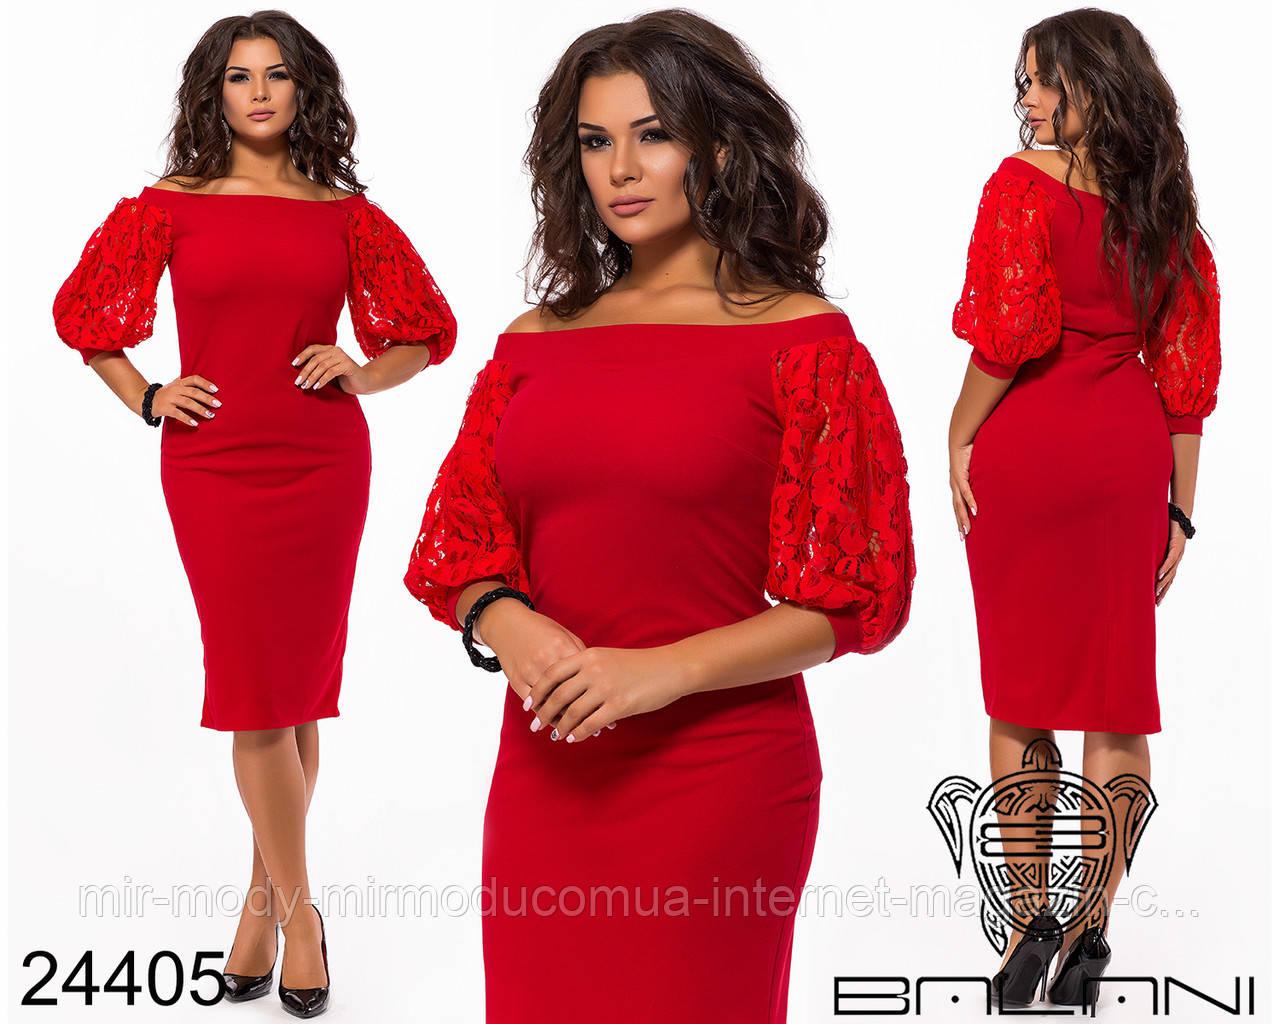 Платье - 24405 с 48 по 54 (красное,черное) размер (бн)